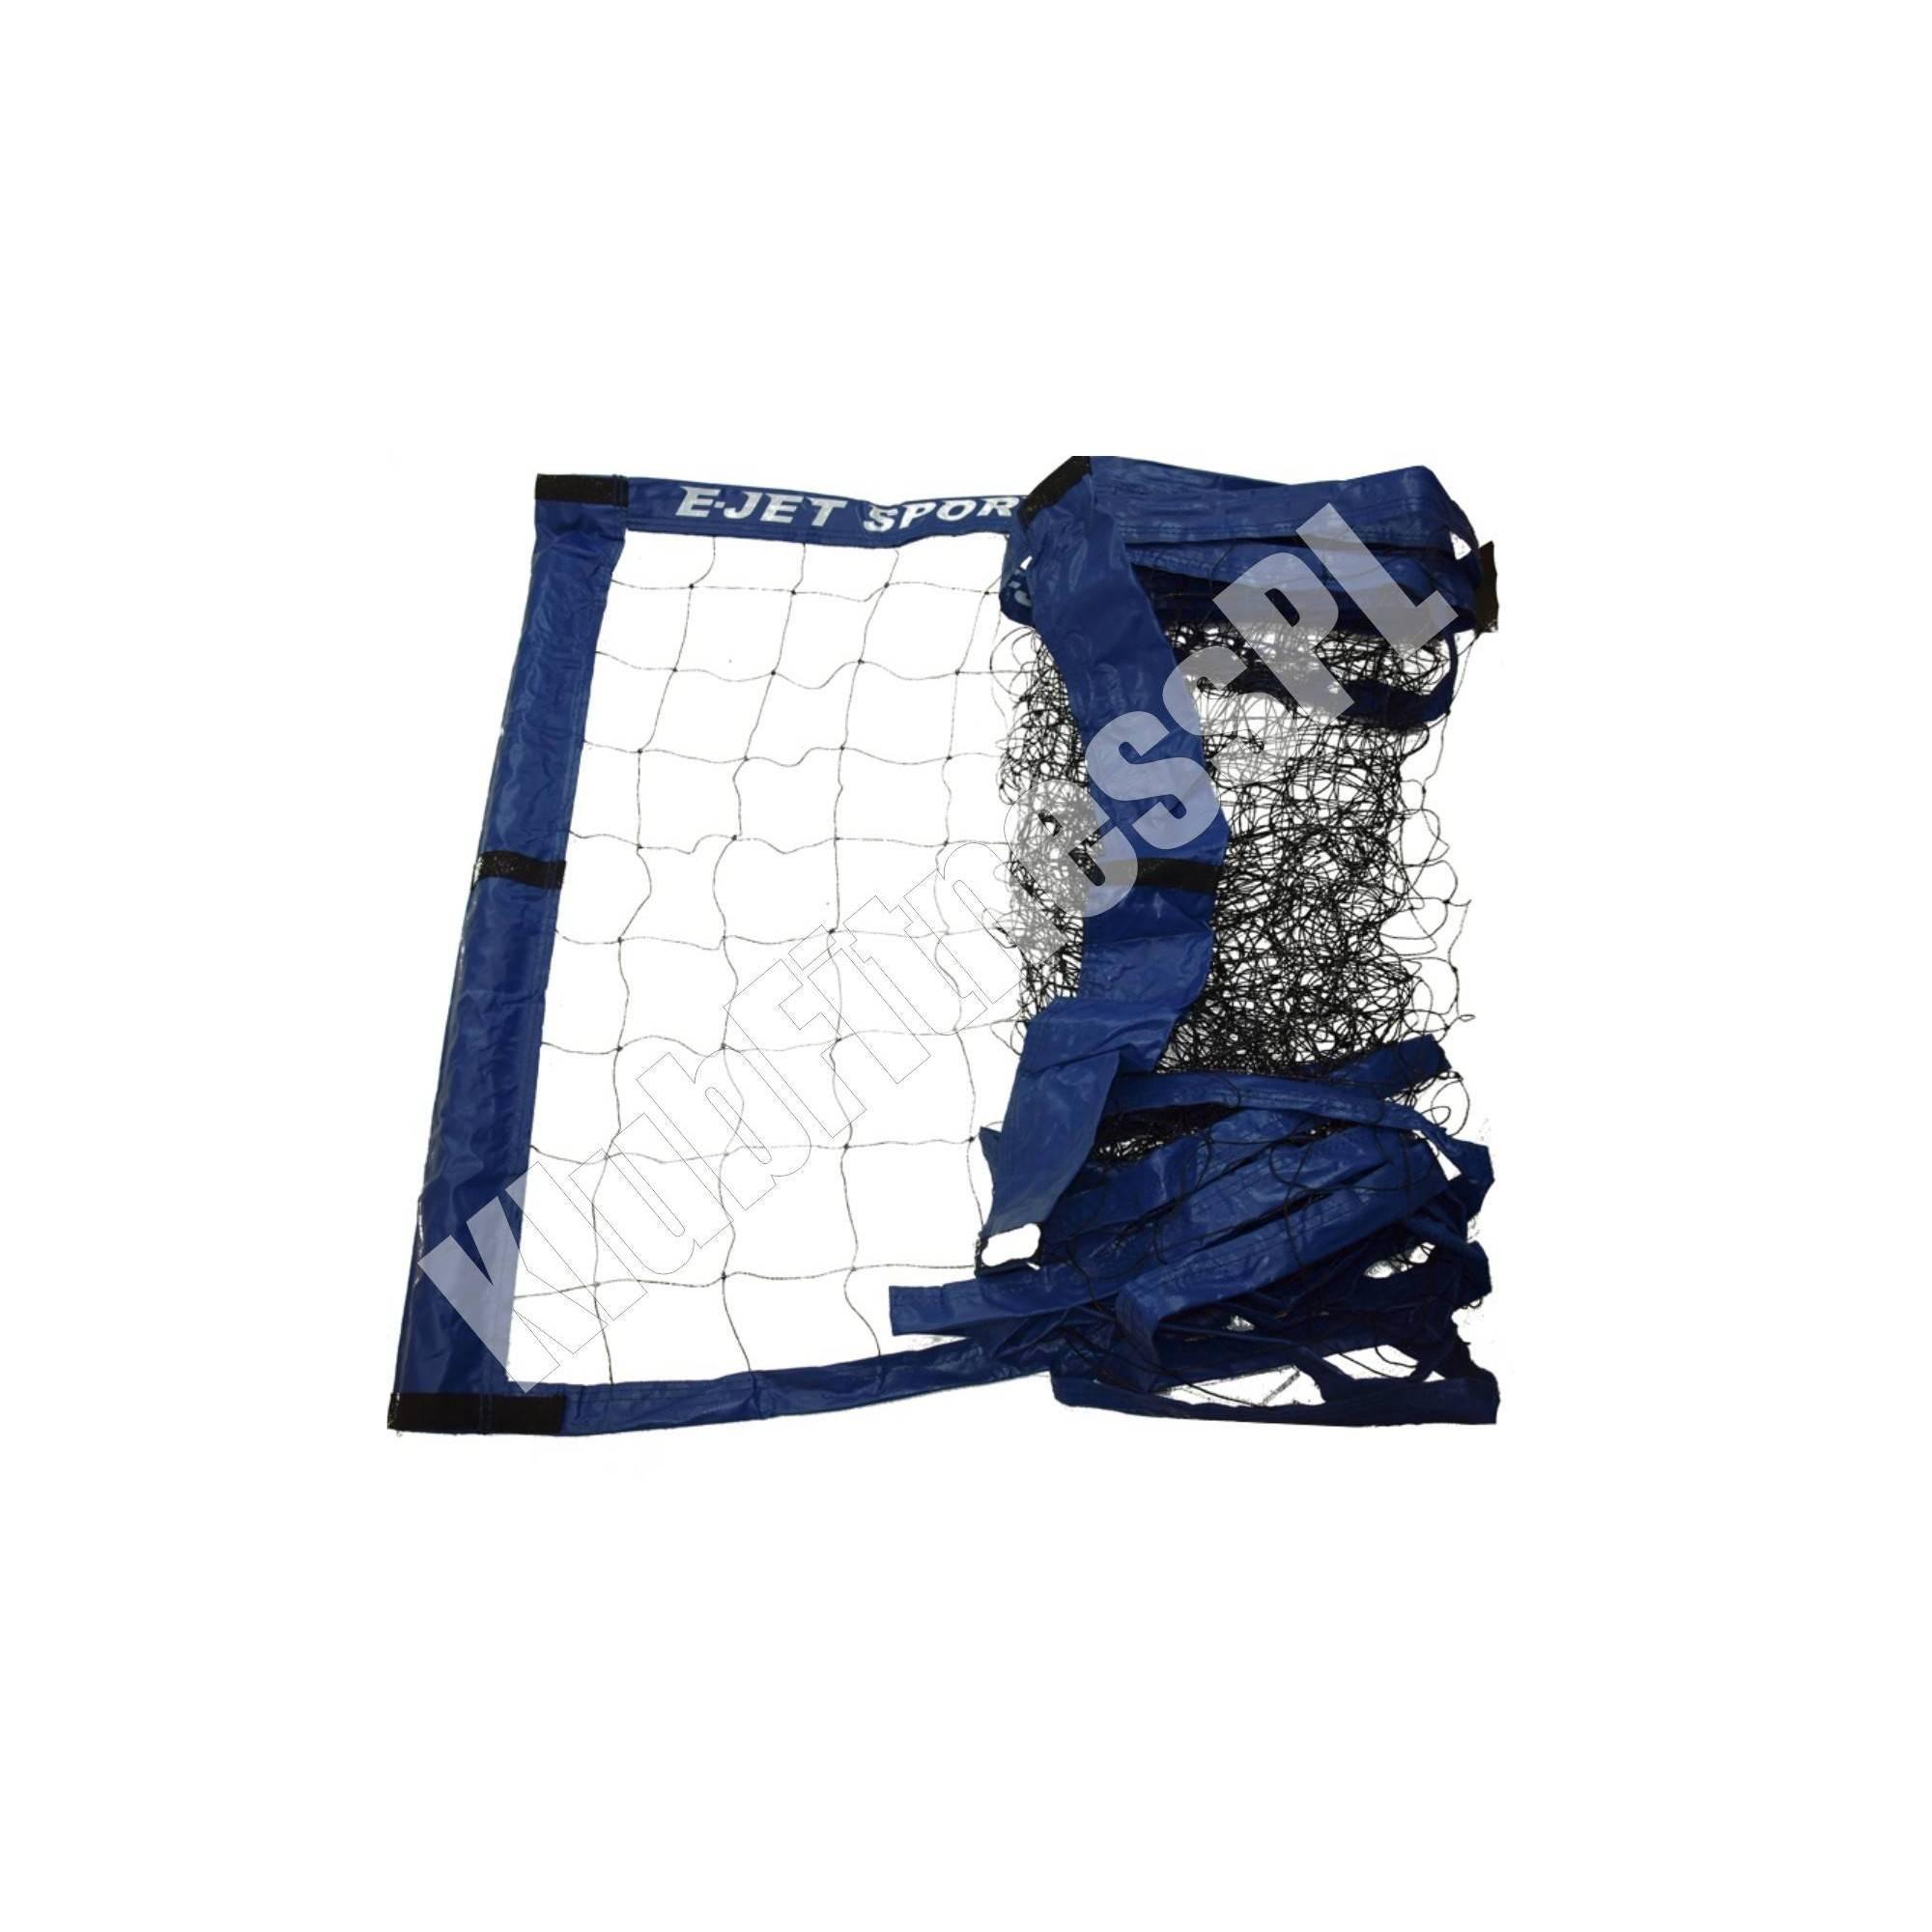 Zestaw do siatkówki plażowej 975 x 98cm linie pola SPARTAN SPORT - 1 | klubfitness.pl | sprzęt sportowy sport equipment